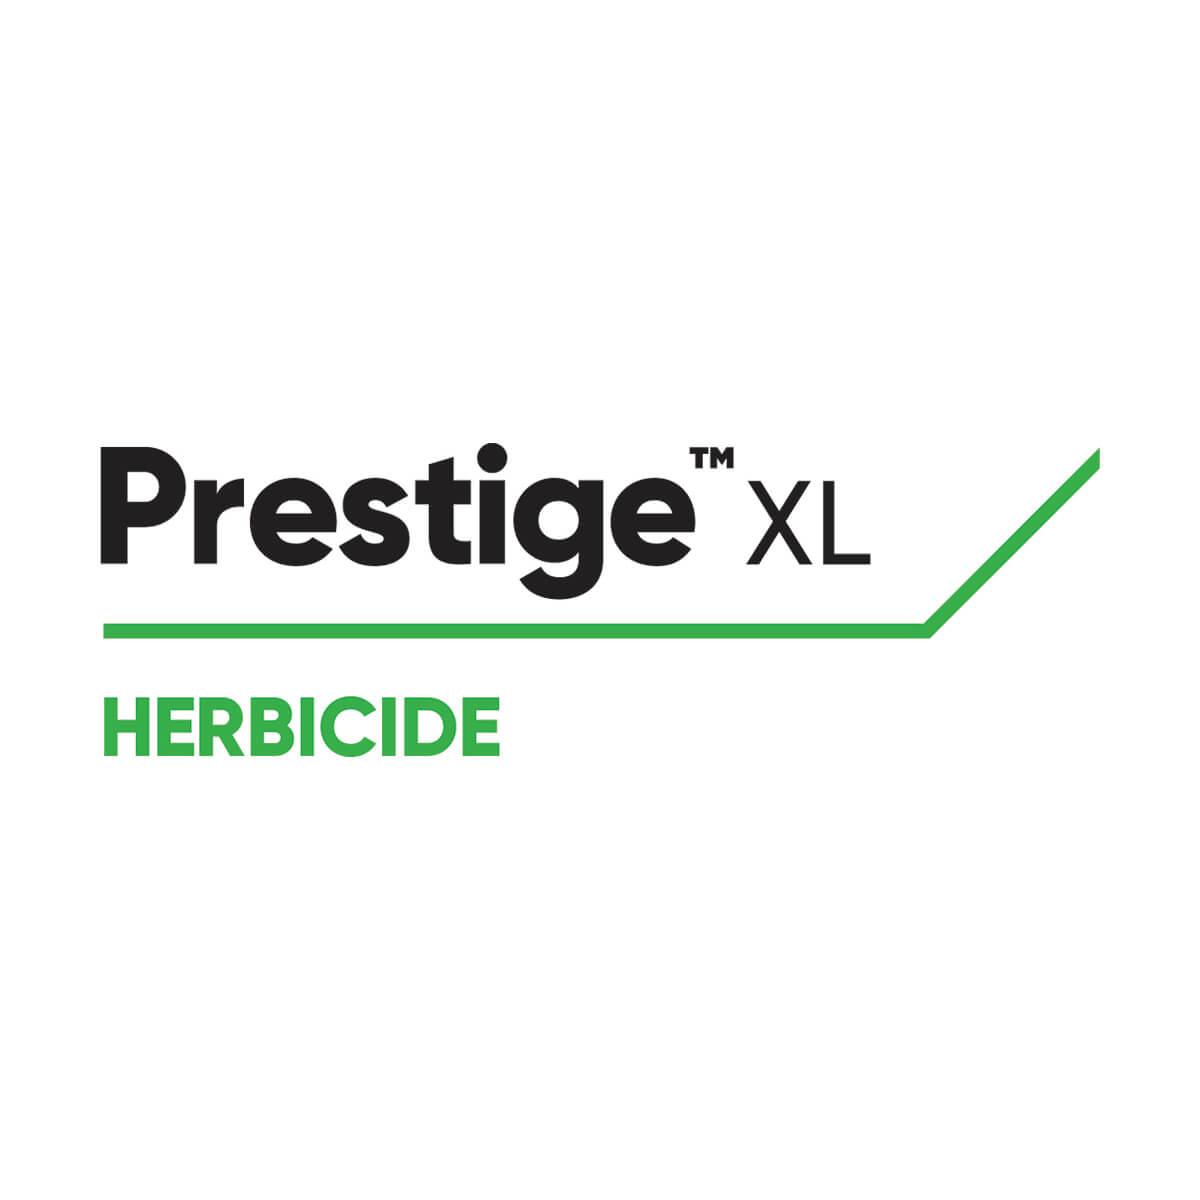 PRESTIGE XL - 113.6 L Drum